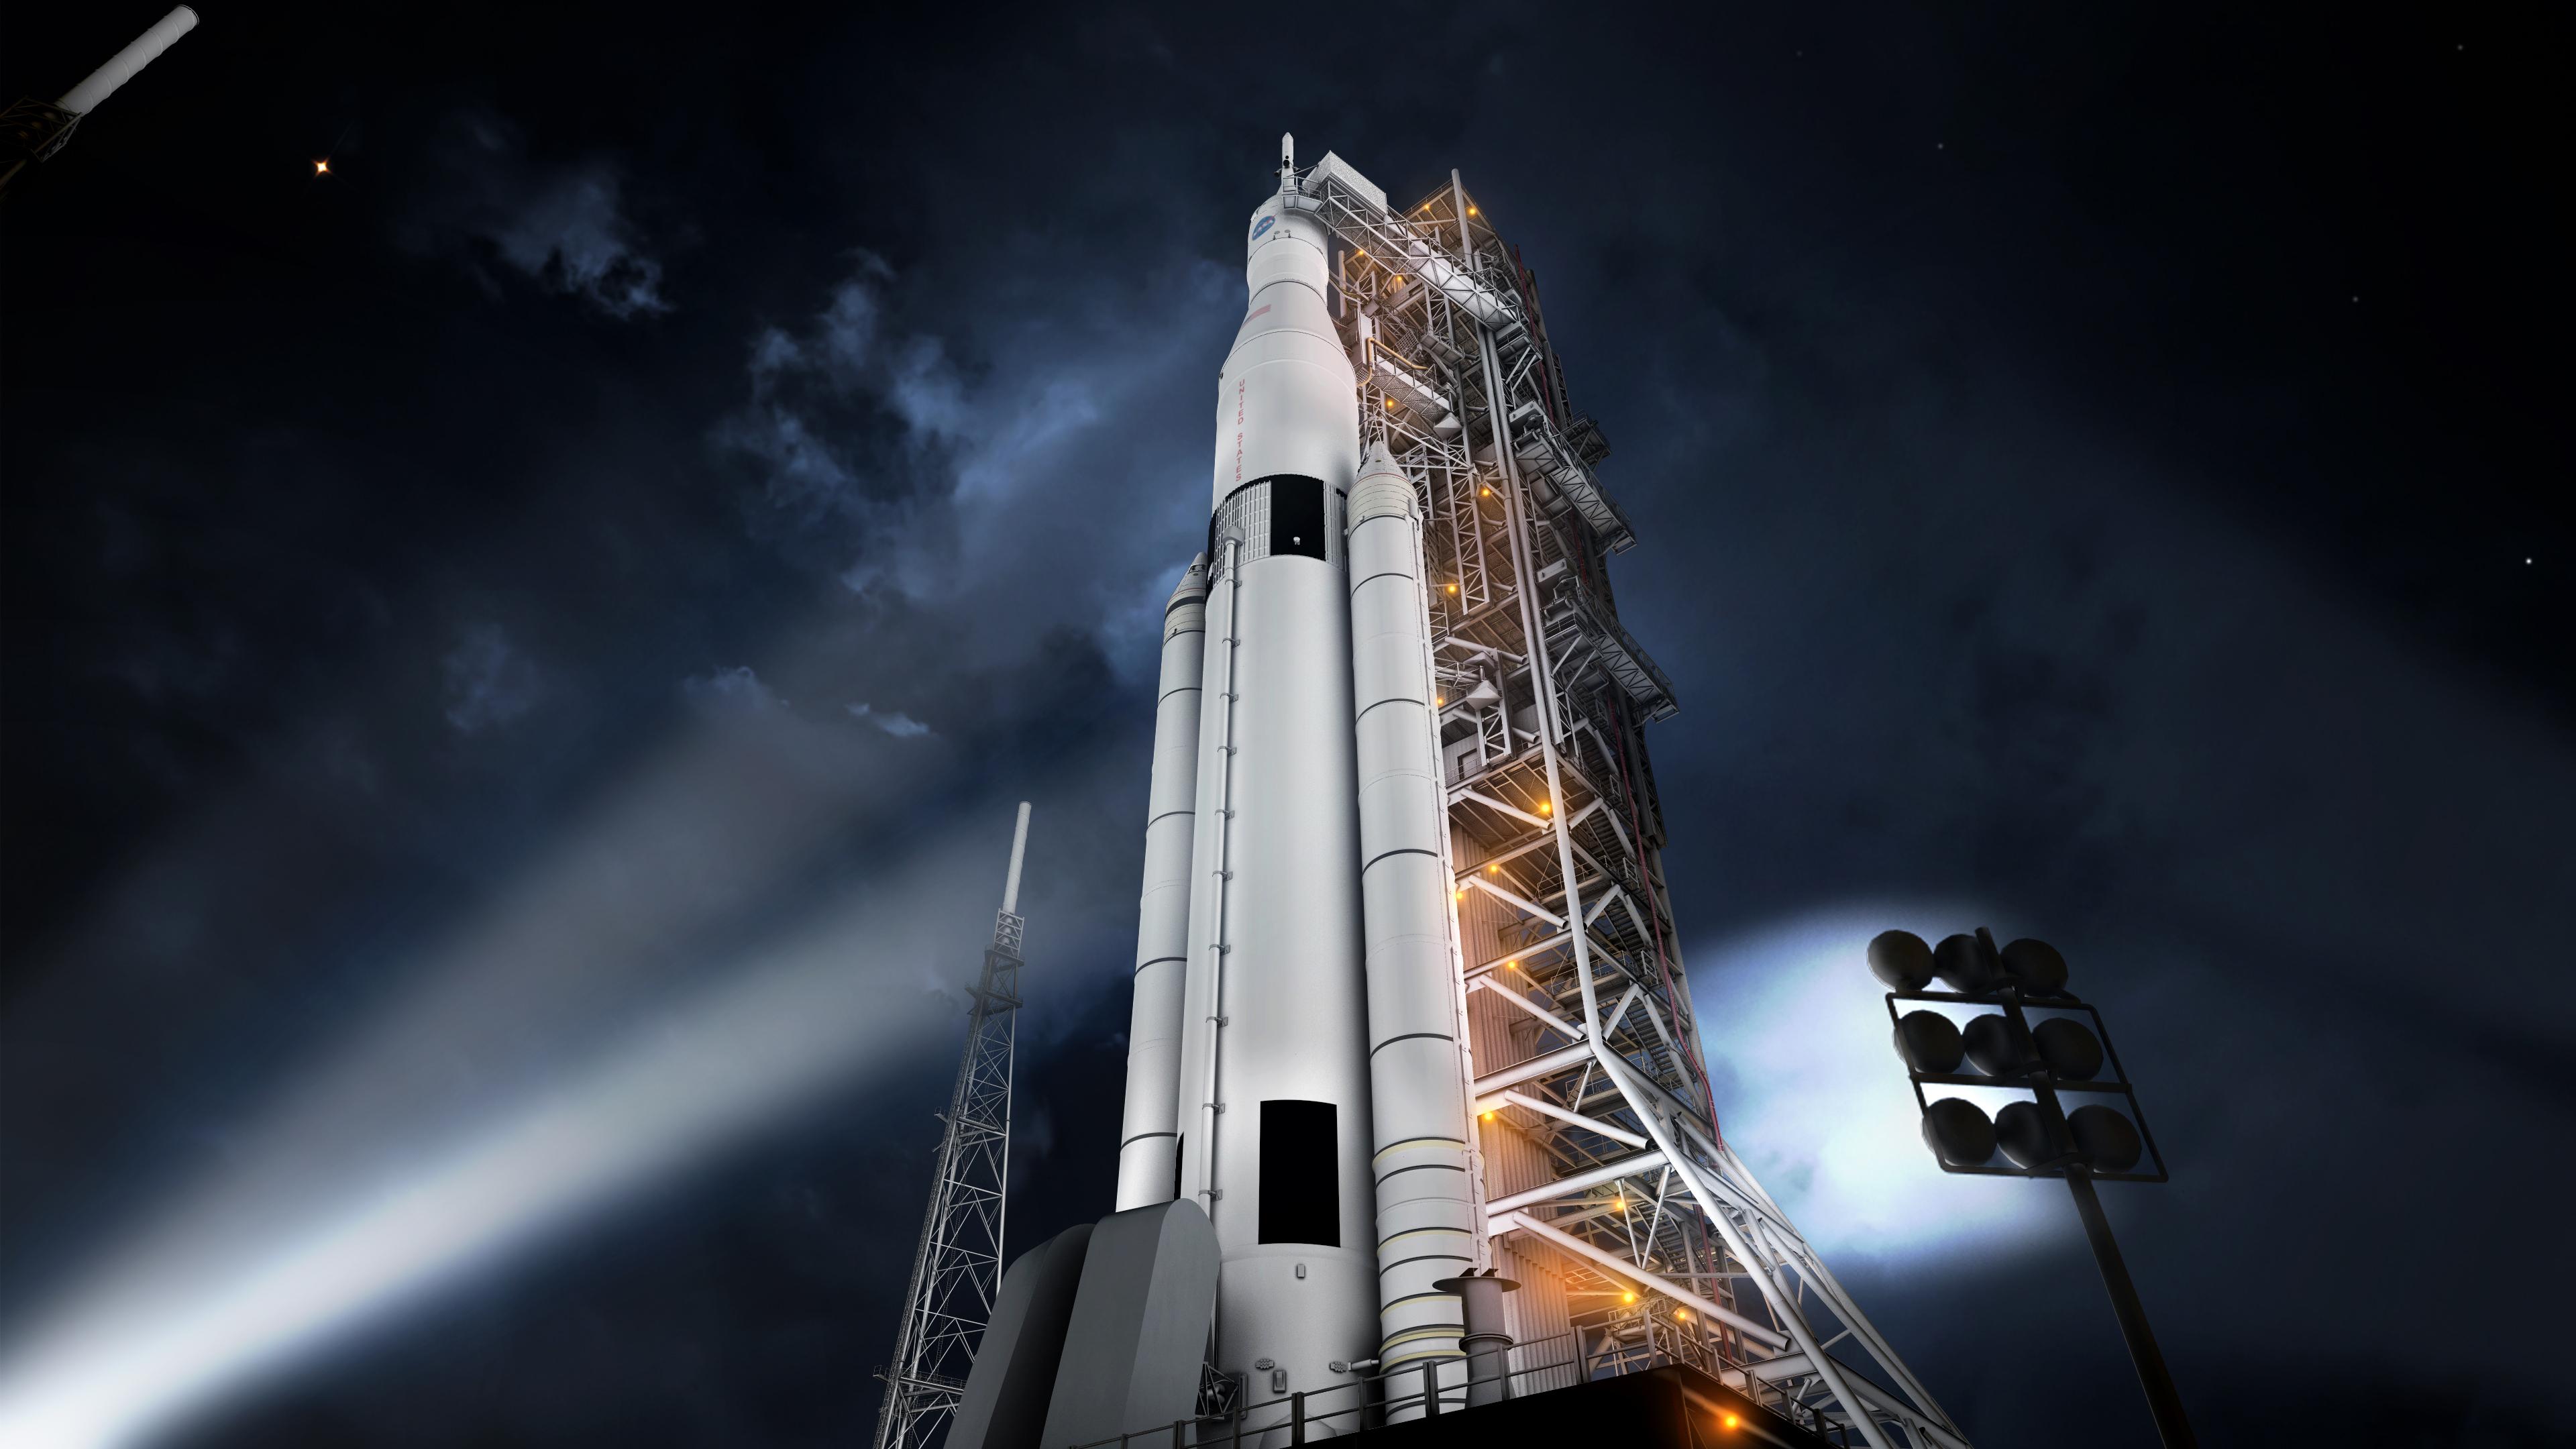 Na nasa new space shuttle design - Na Nasa New Space Shuttle Design 7